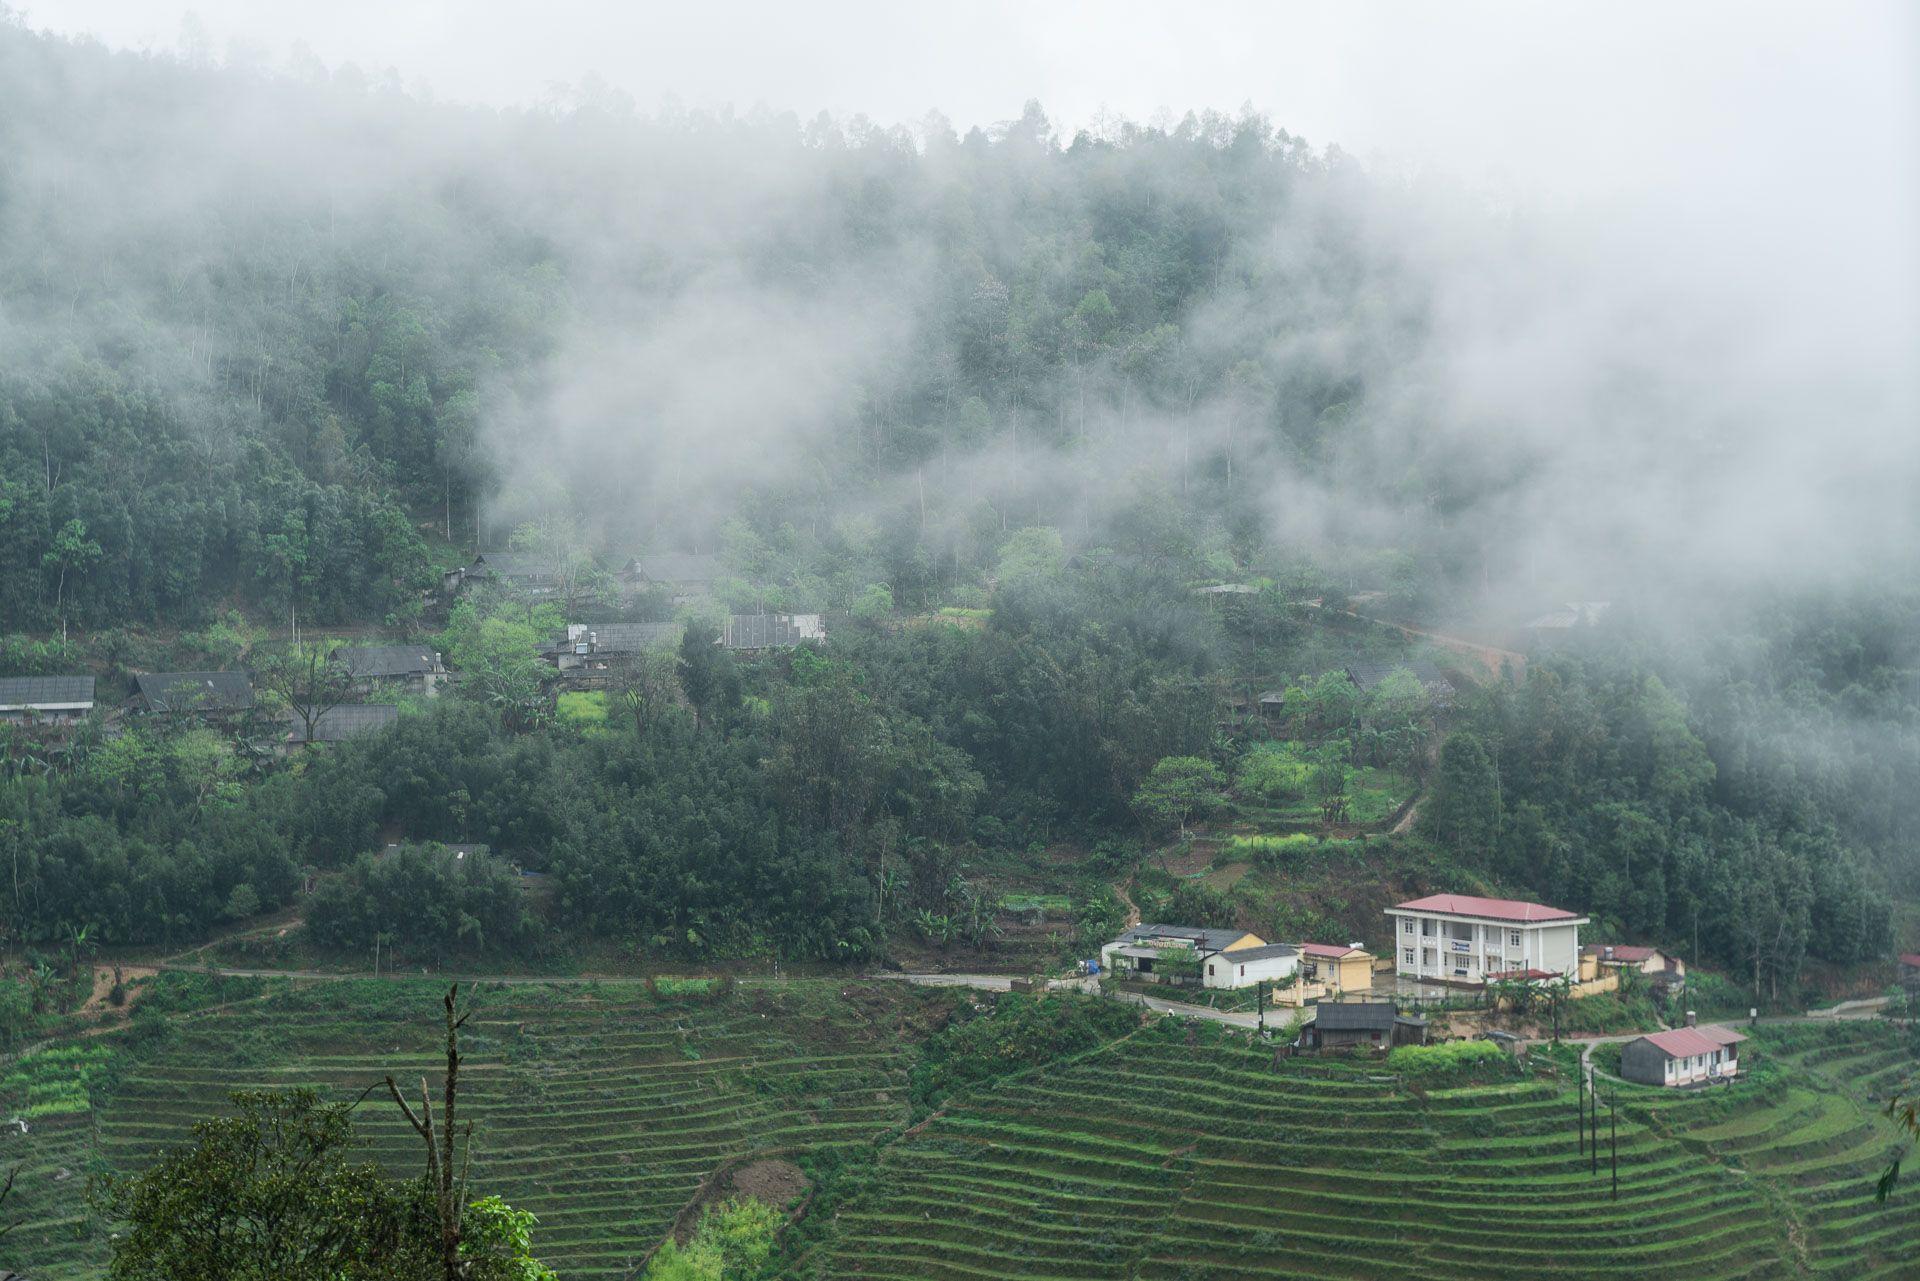 lesvoyageuses-trek-sapa-minorites-ethniques-itineraire-vietnam-36